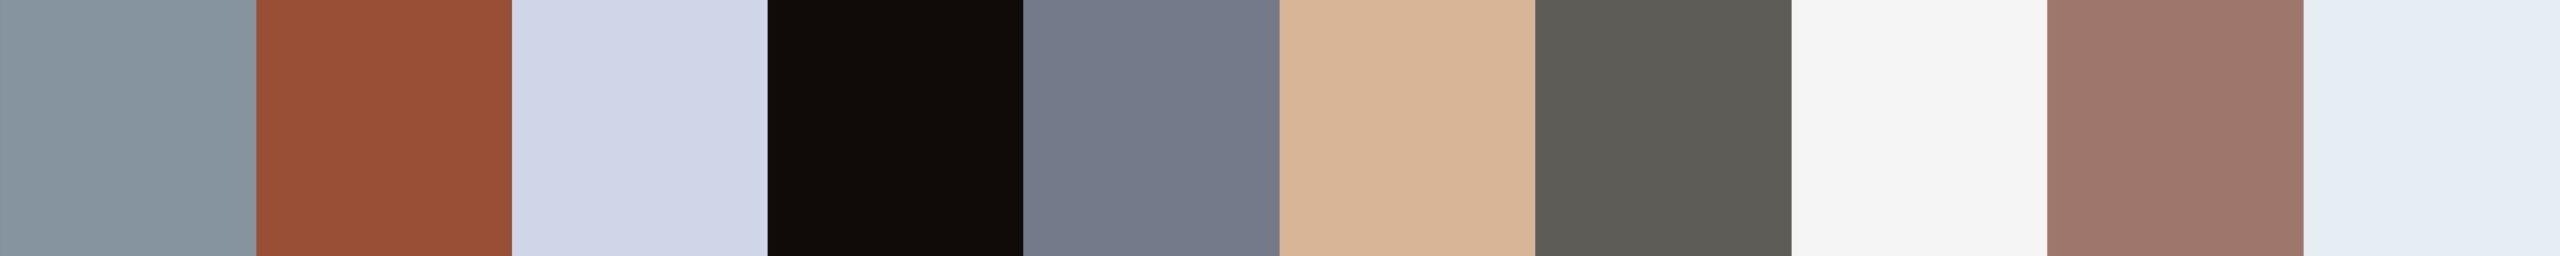 258 Kasetube Color Palette